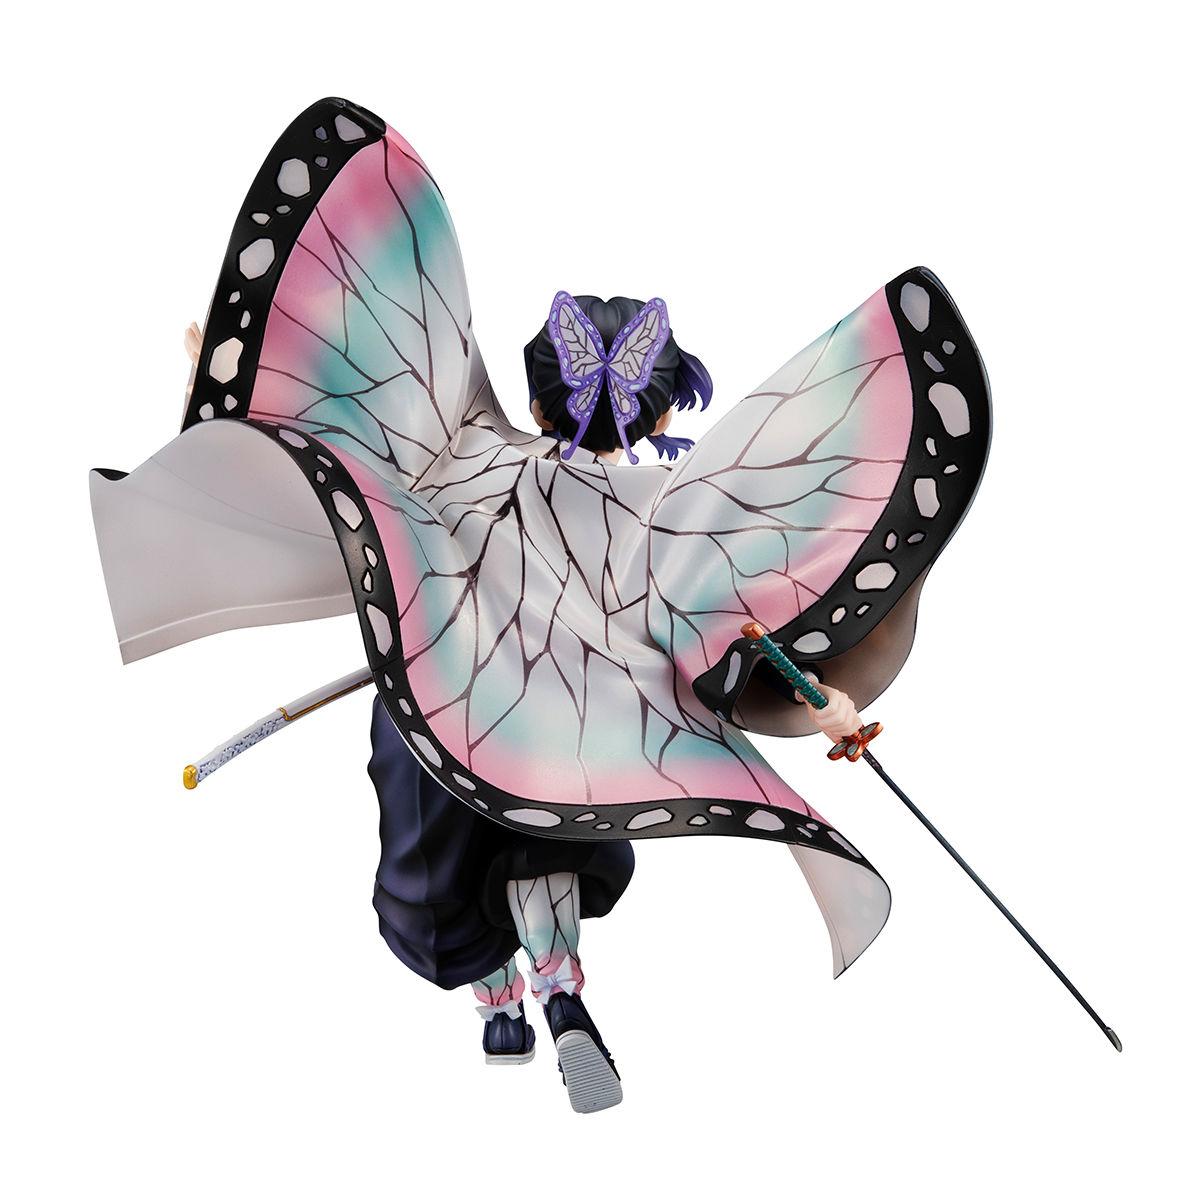 【限定販売】ギャルズシリーズ『胡蝶しのぶ(こちょう しのぶ)』鬼滅の刃 完成品フィギュア-006